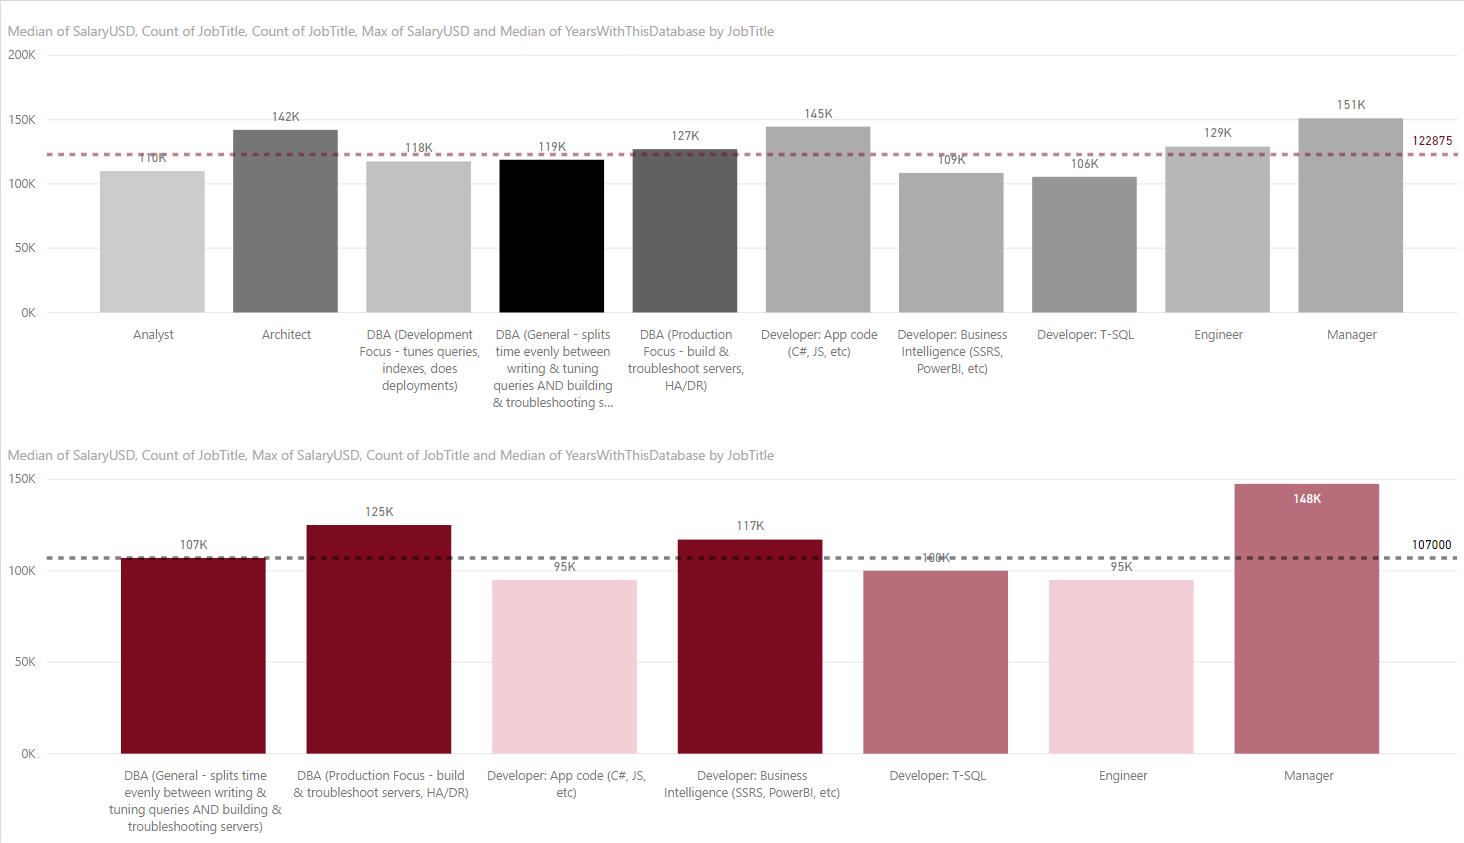 Median Salaries for Lifetime (Male $122,875 vs. Female $107,000)